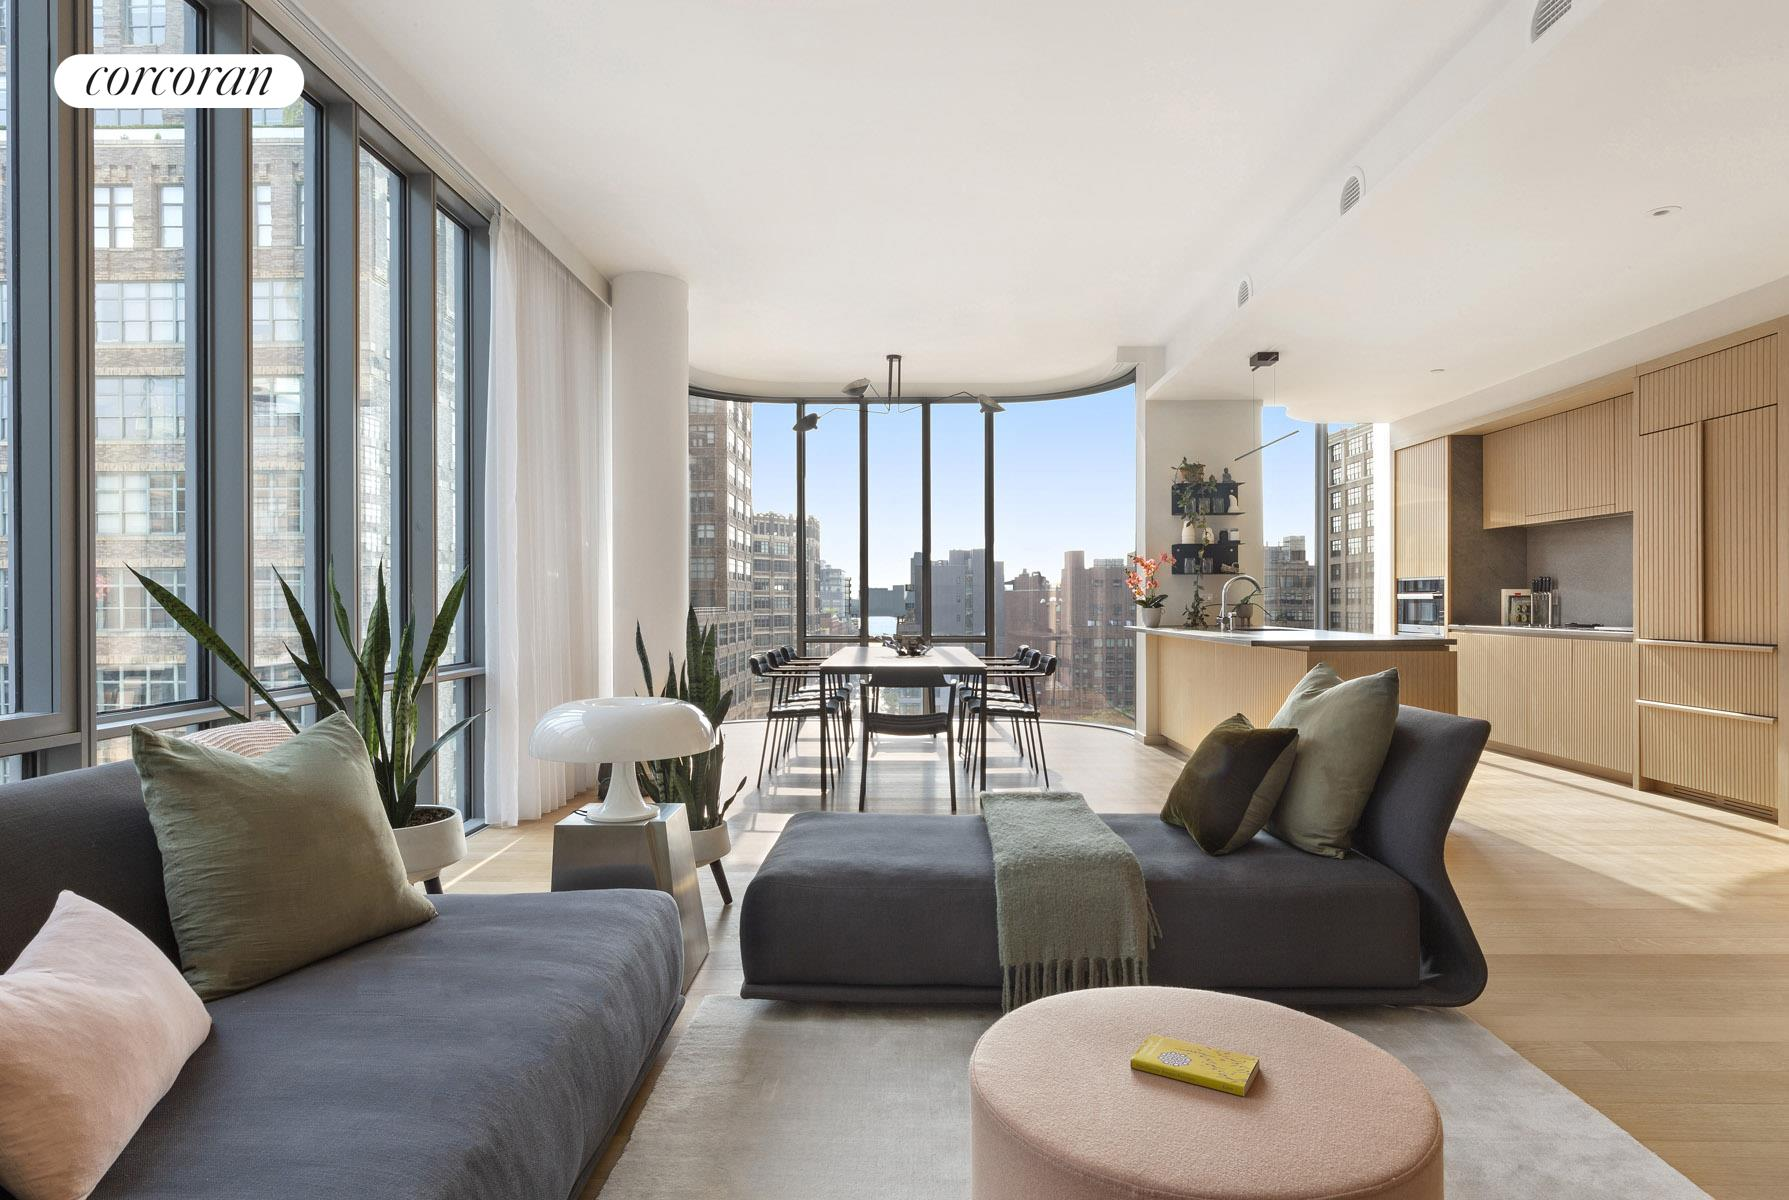 565 Broome Street Soho New York NY 10013